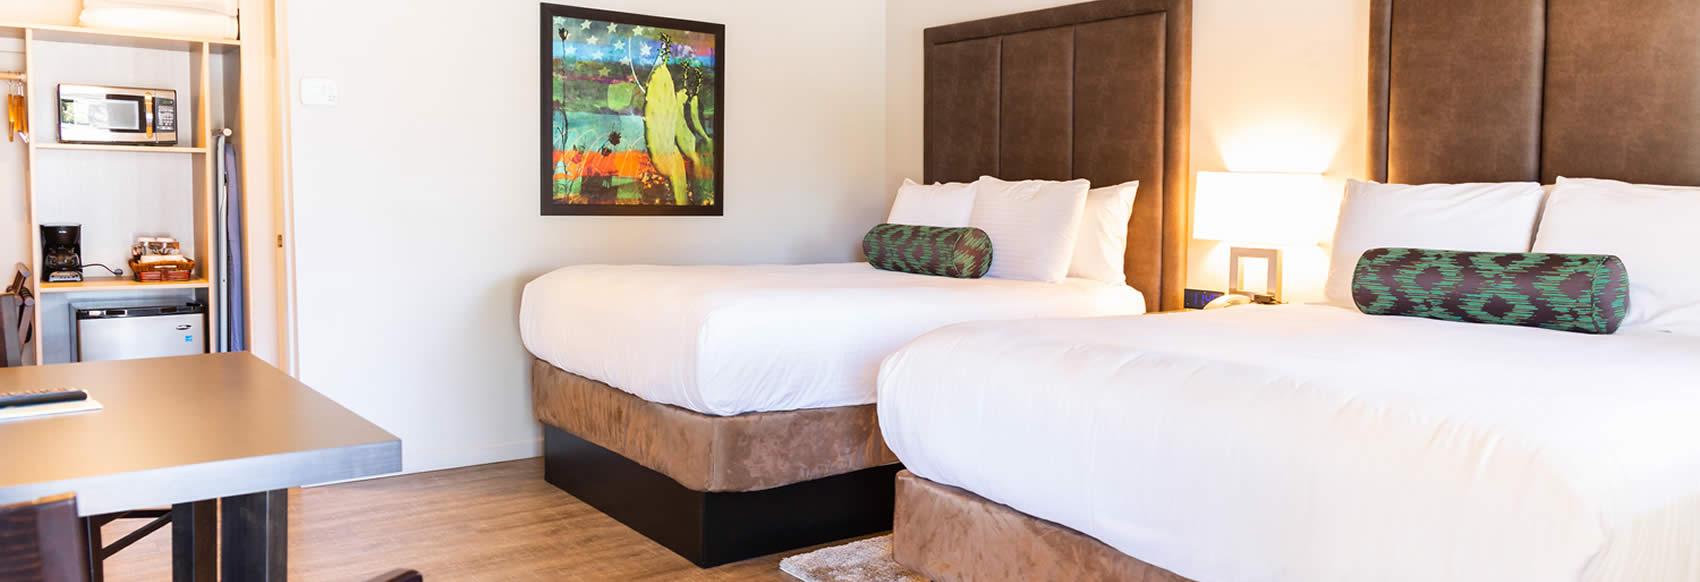 Rooms: Deluxe Two Queen Santa Cruz Hotel Room